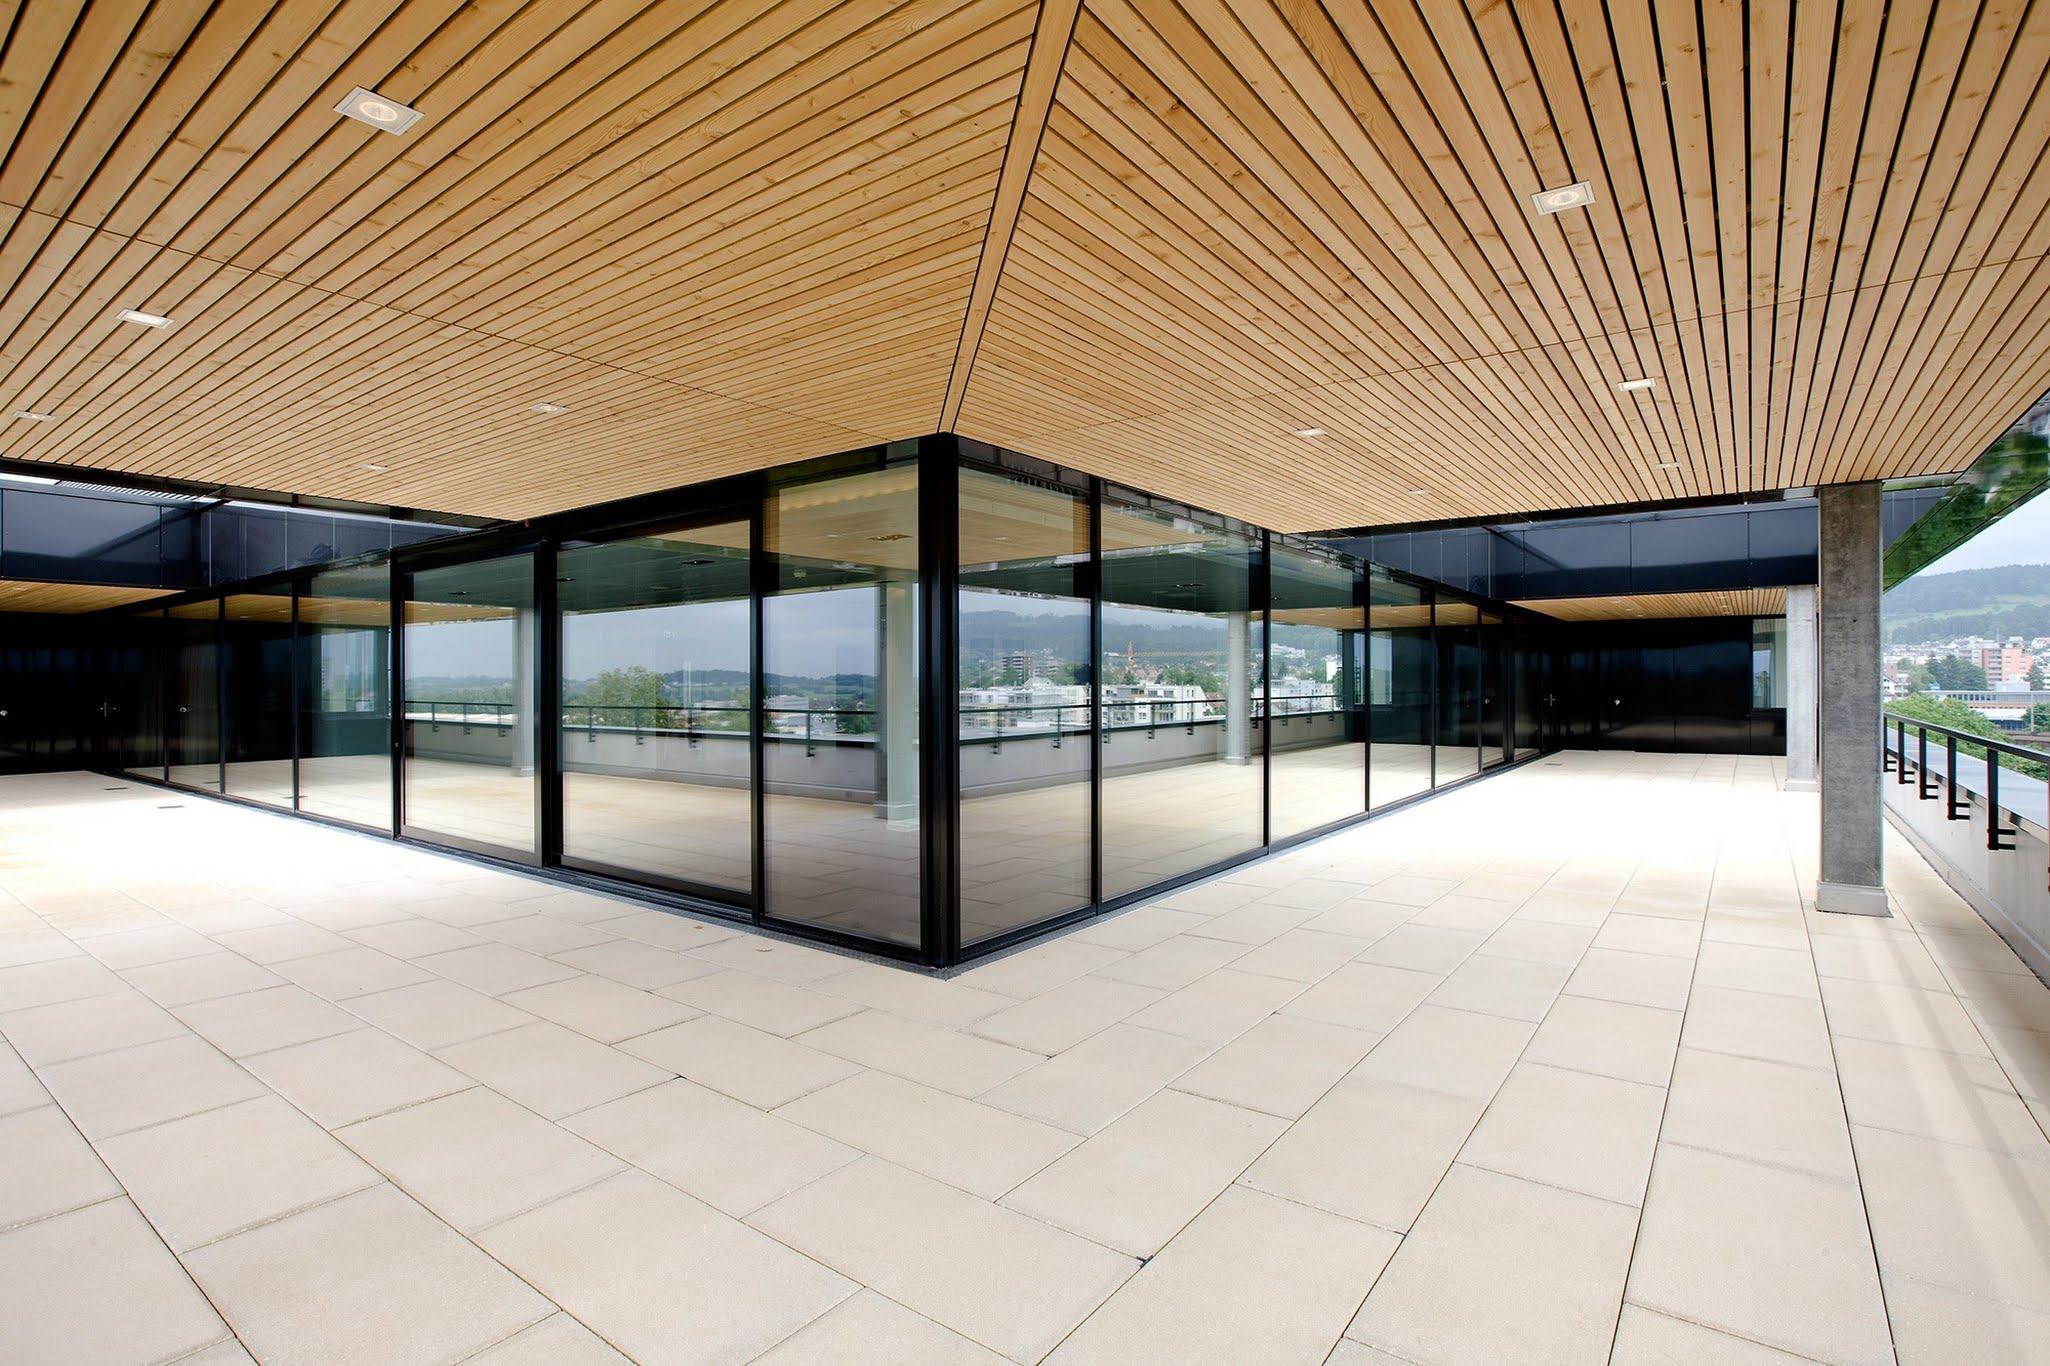 NovaOne - Ganzglaswände,Reichle & De-Massari AG,Deckensystem-Wandsysteme,Trennwände Büro,Ganzglaswände,Bürotrennwand,Akustikdecken,Schallschutzdecken,Trennwände,Glaswände,Faltwände,Raumgestaltung,Trennwand Systeme